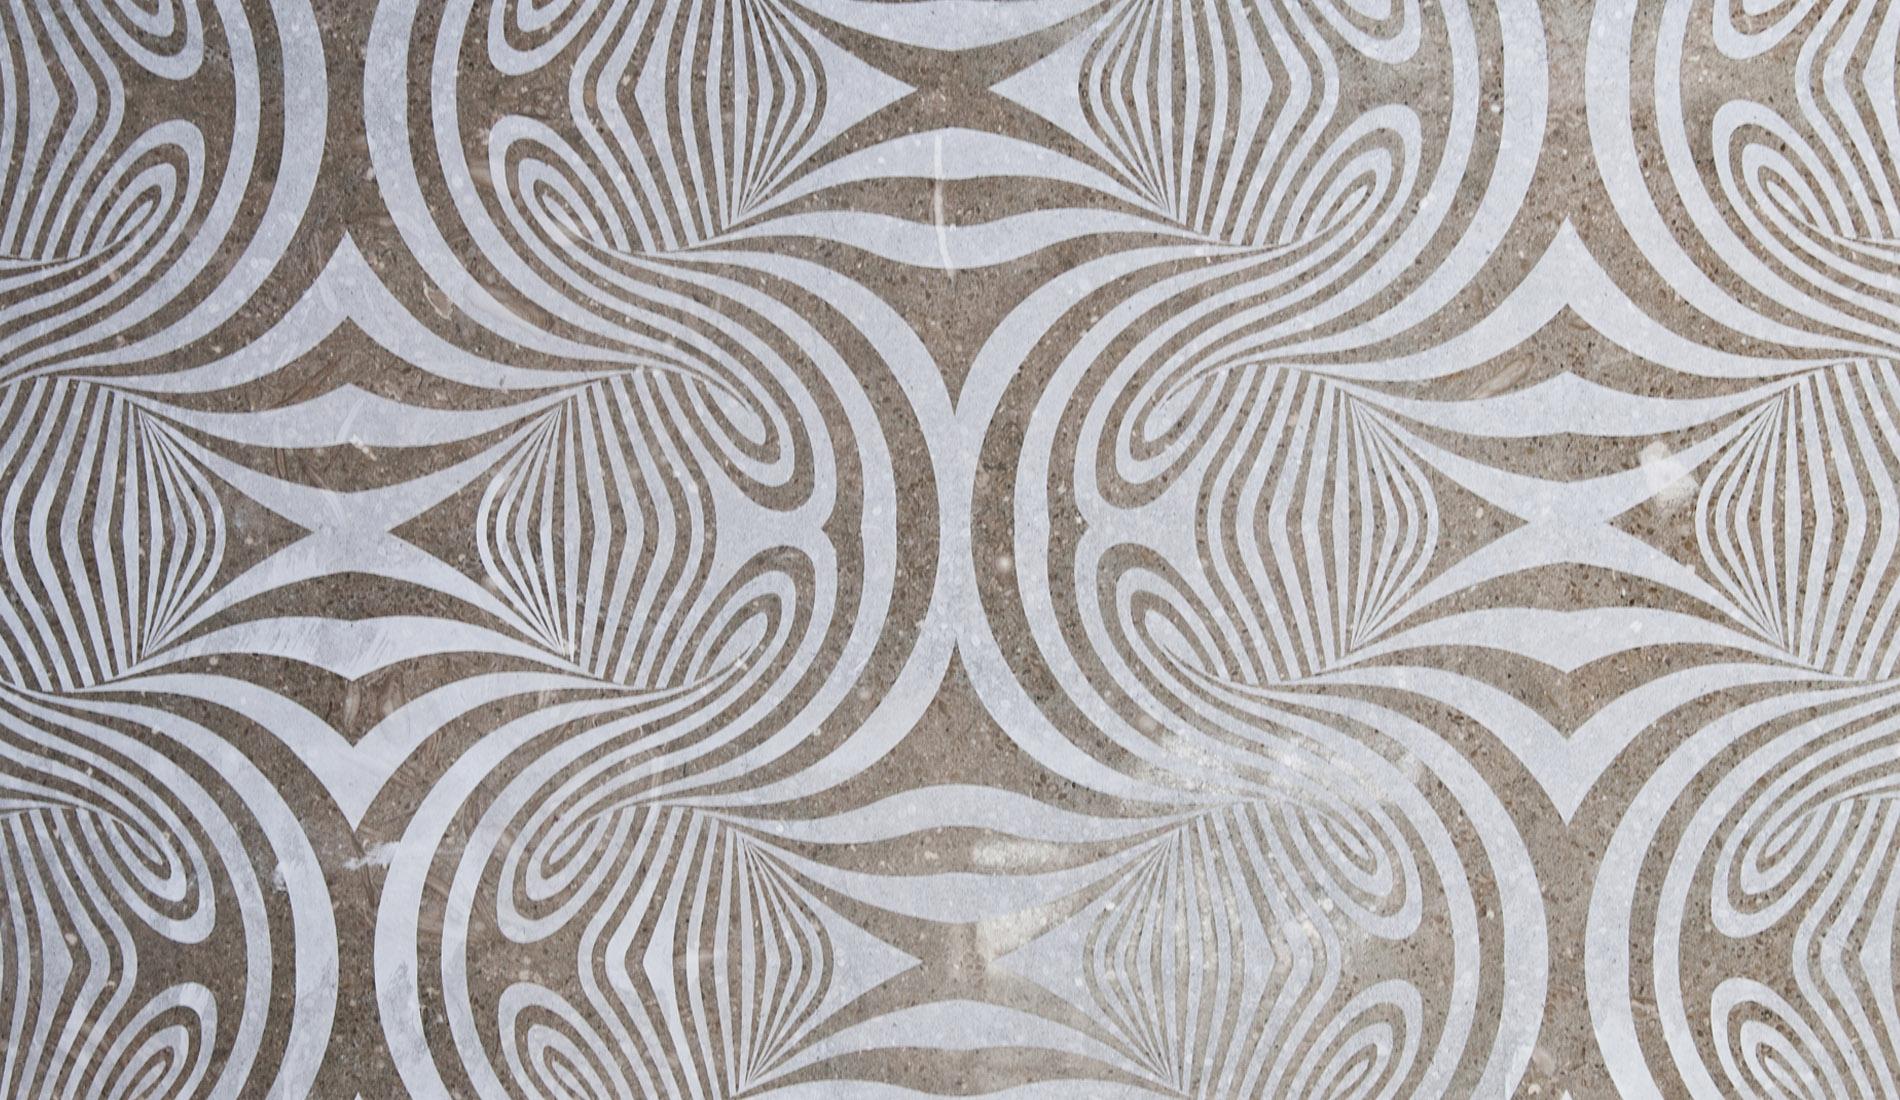 marmi strada texture di marmo 6